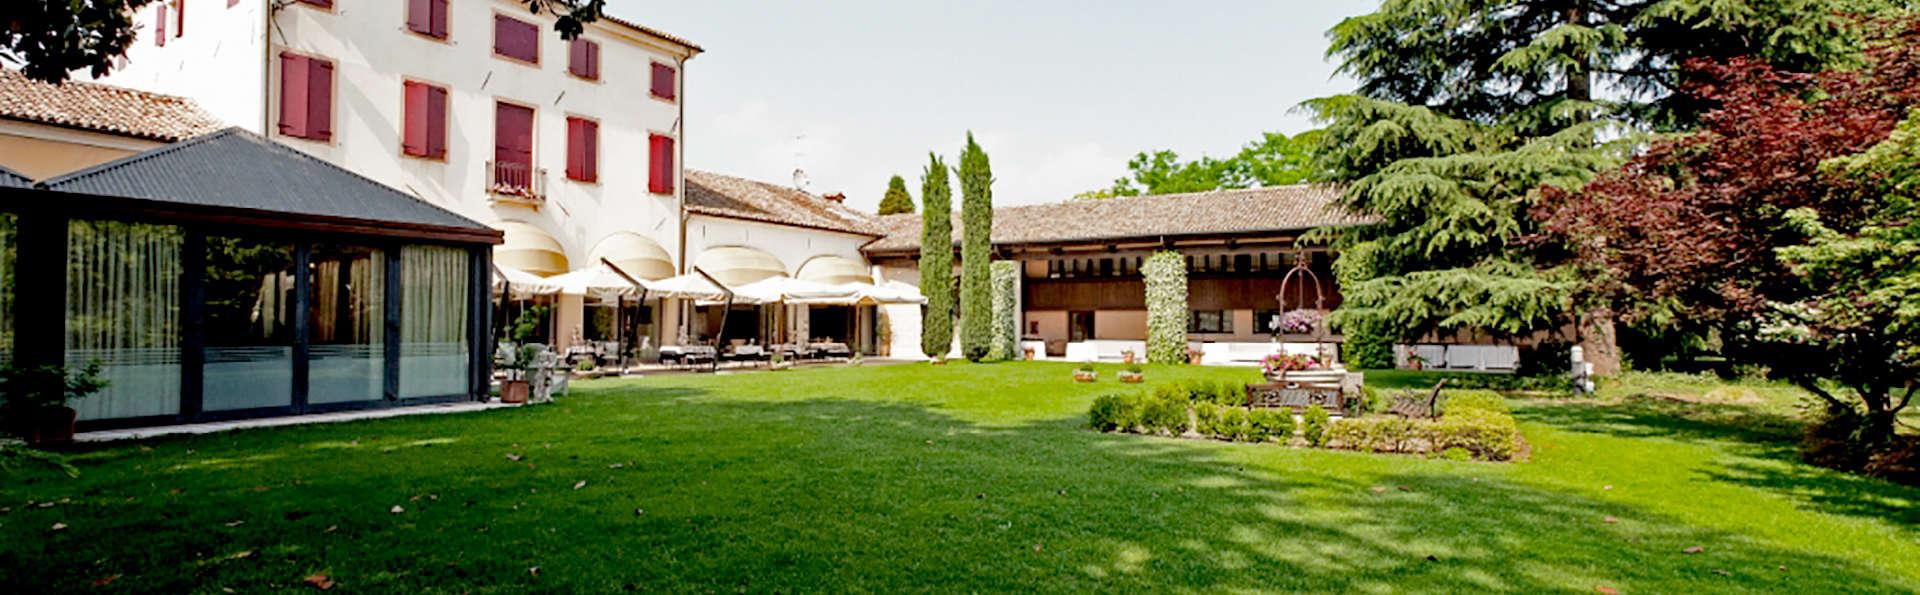 Séjournez dans un hôtel de charme à Bassano del Grappa